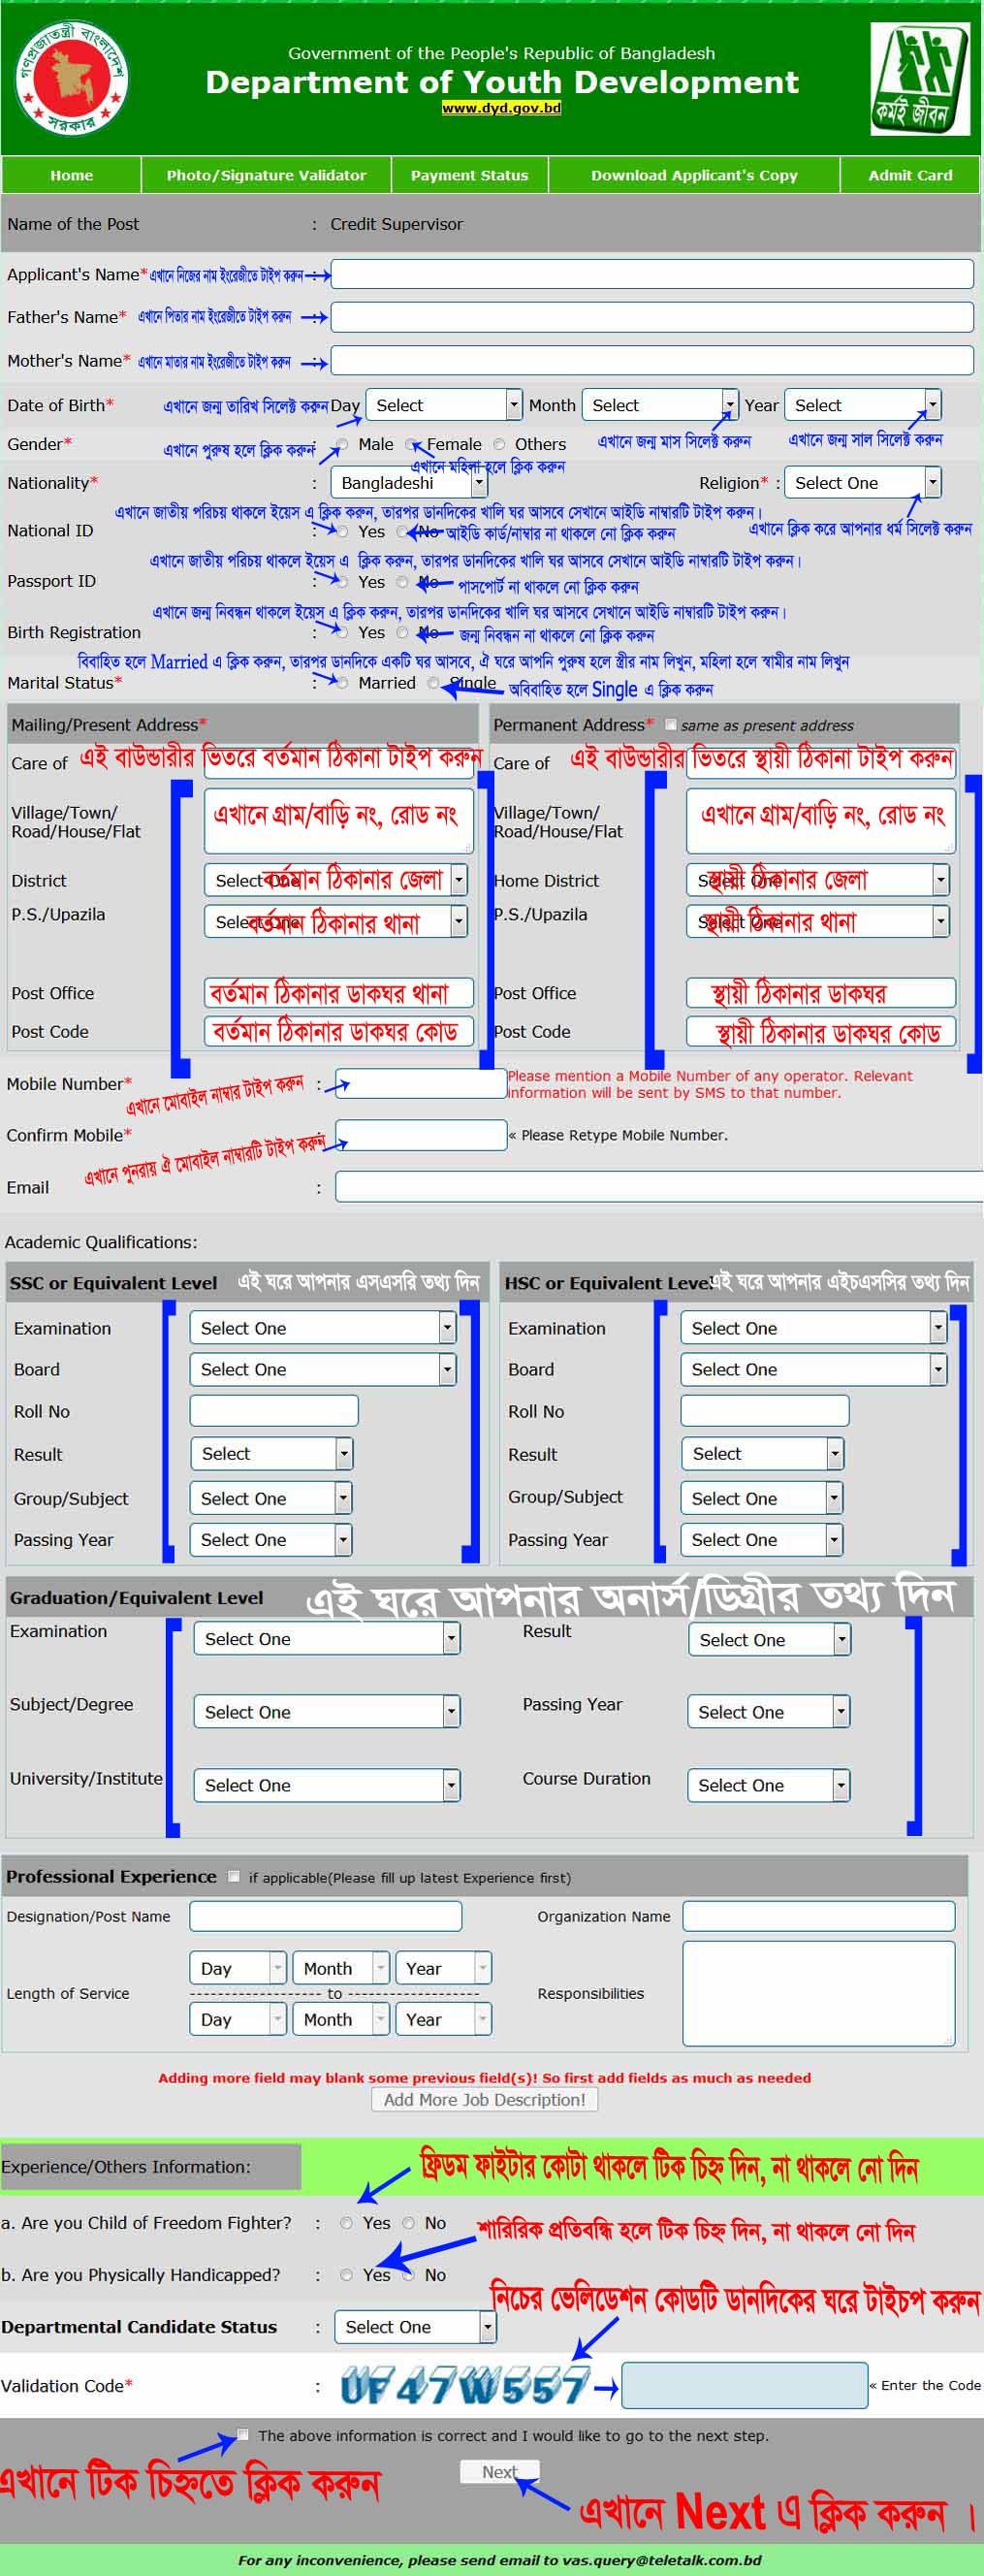 govt. job apply form fillup